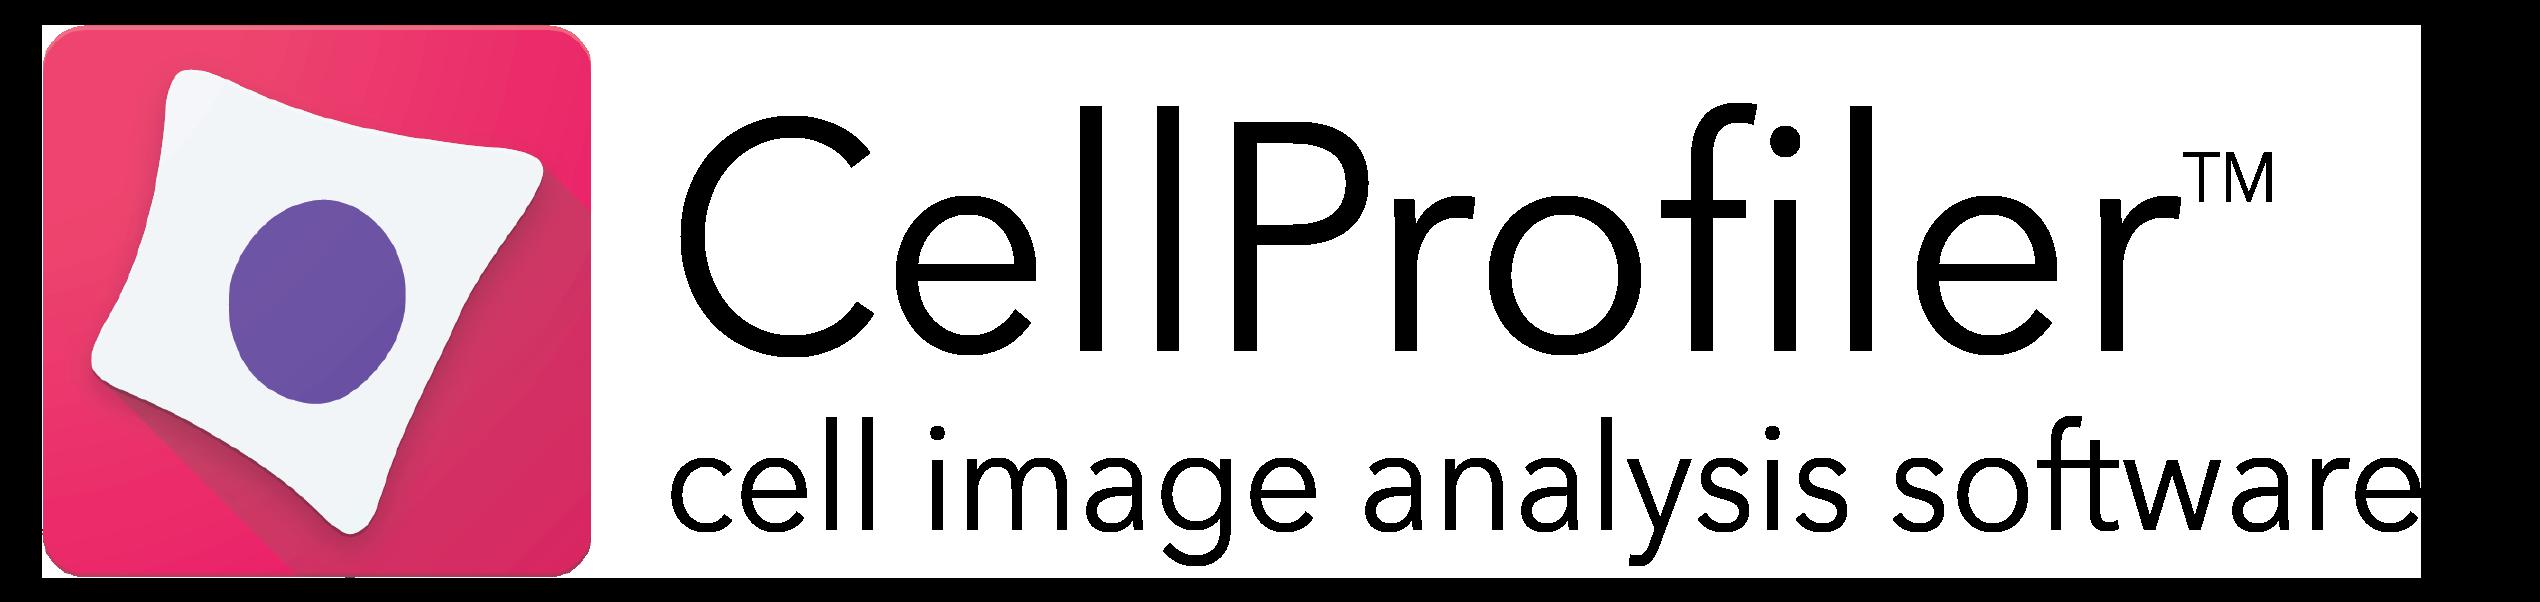 CellProfiler